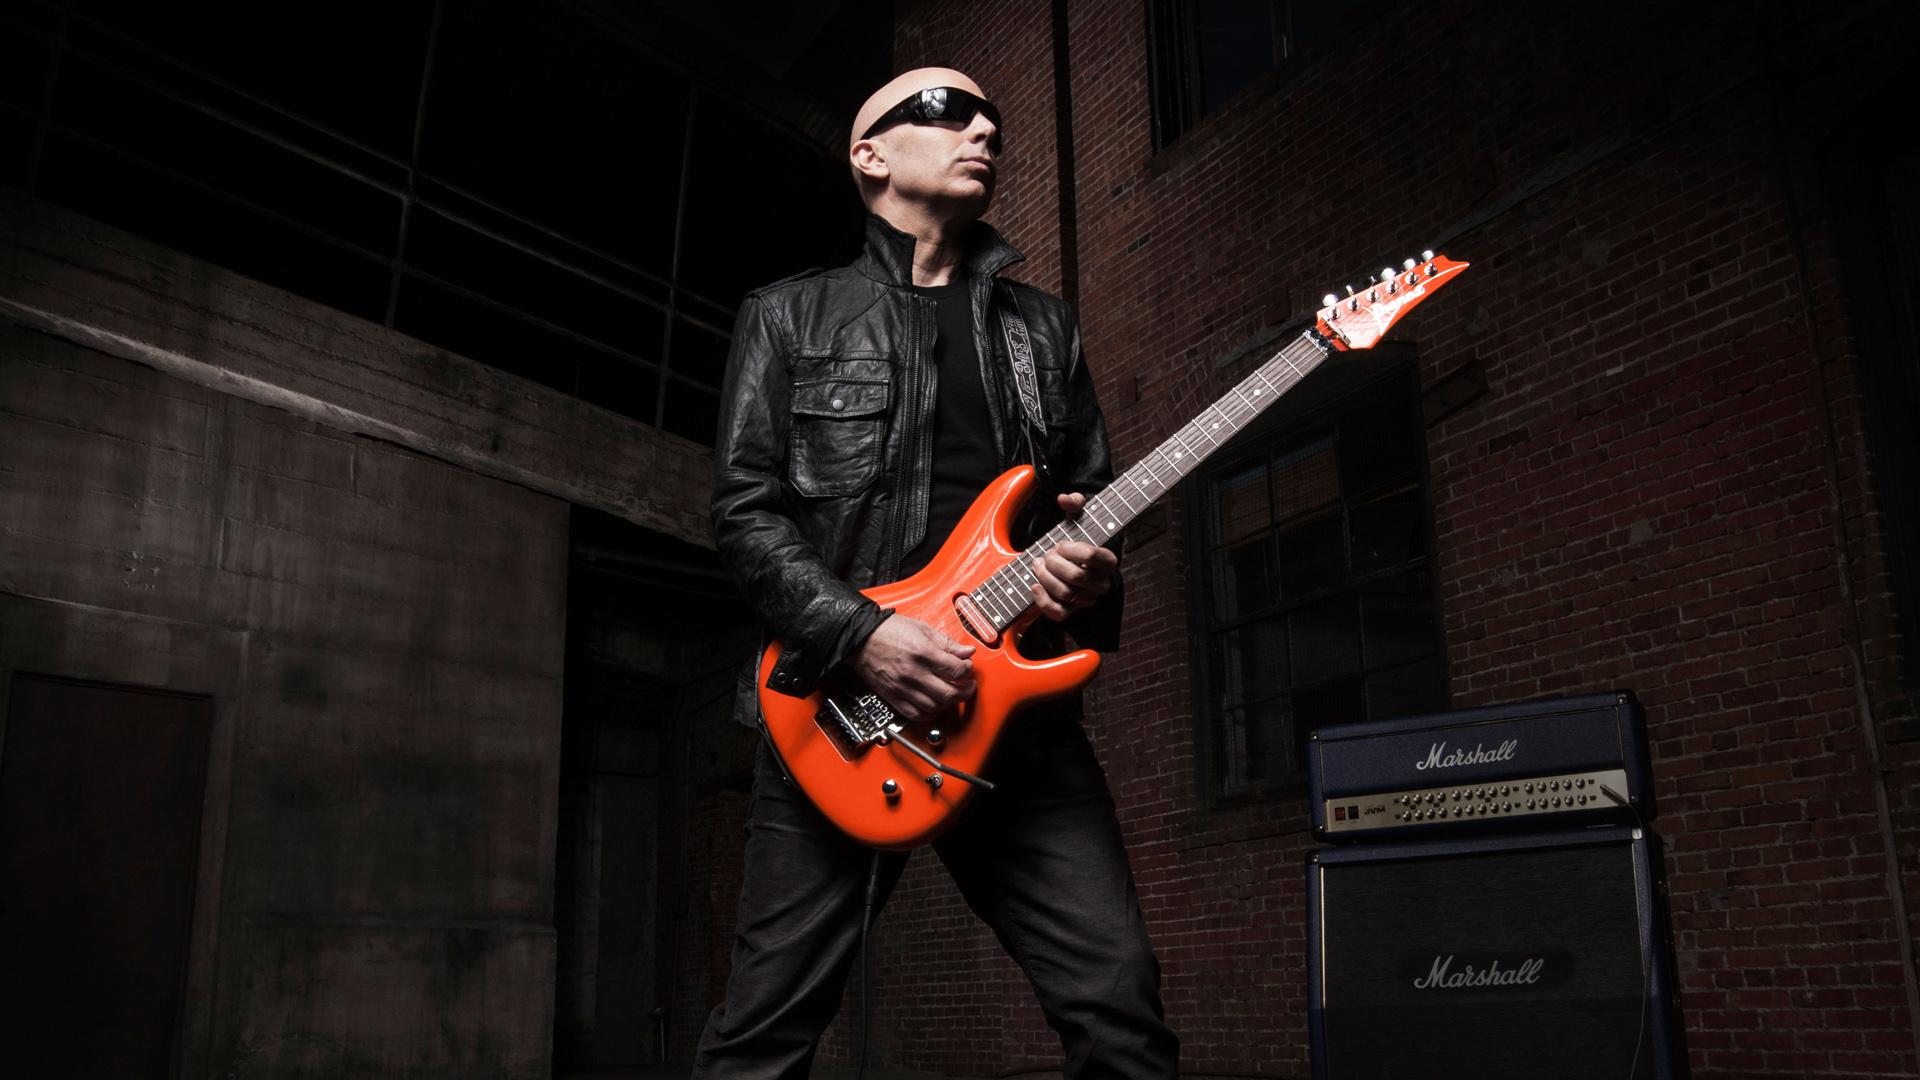 Joe Satriani Music fanart fanarttv 1920x1080